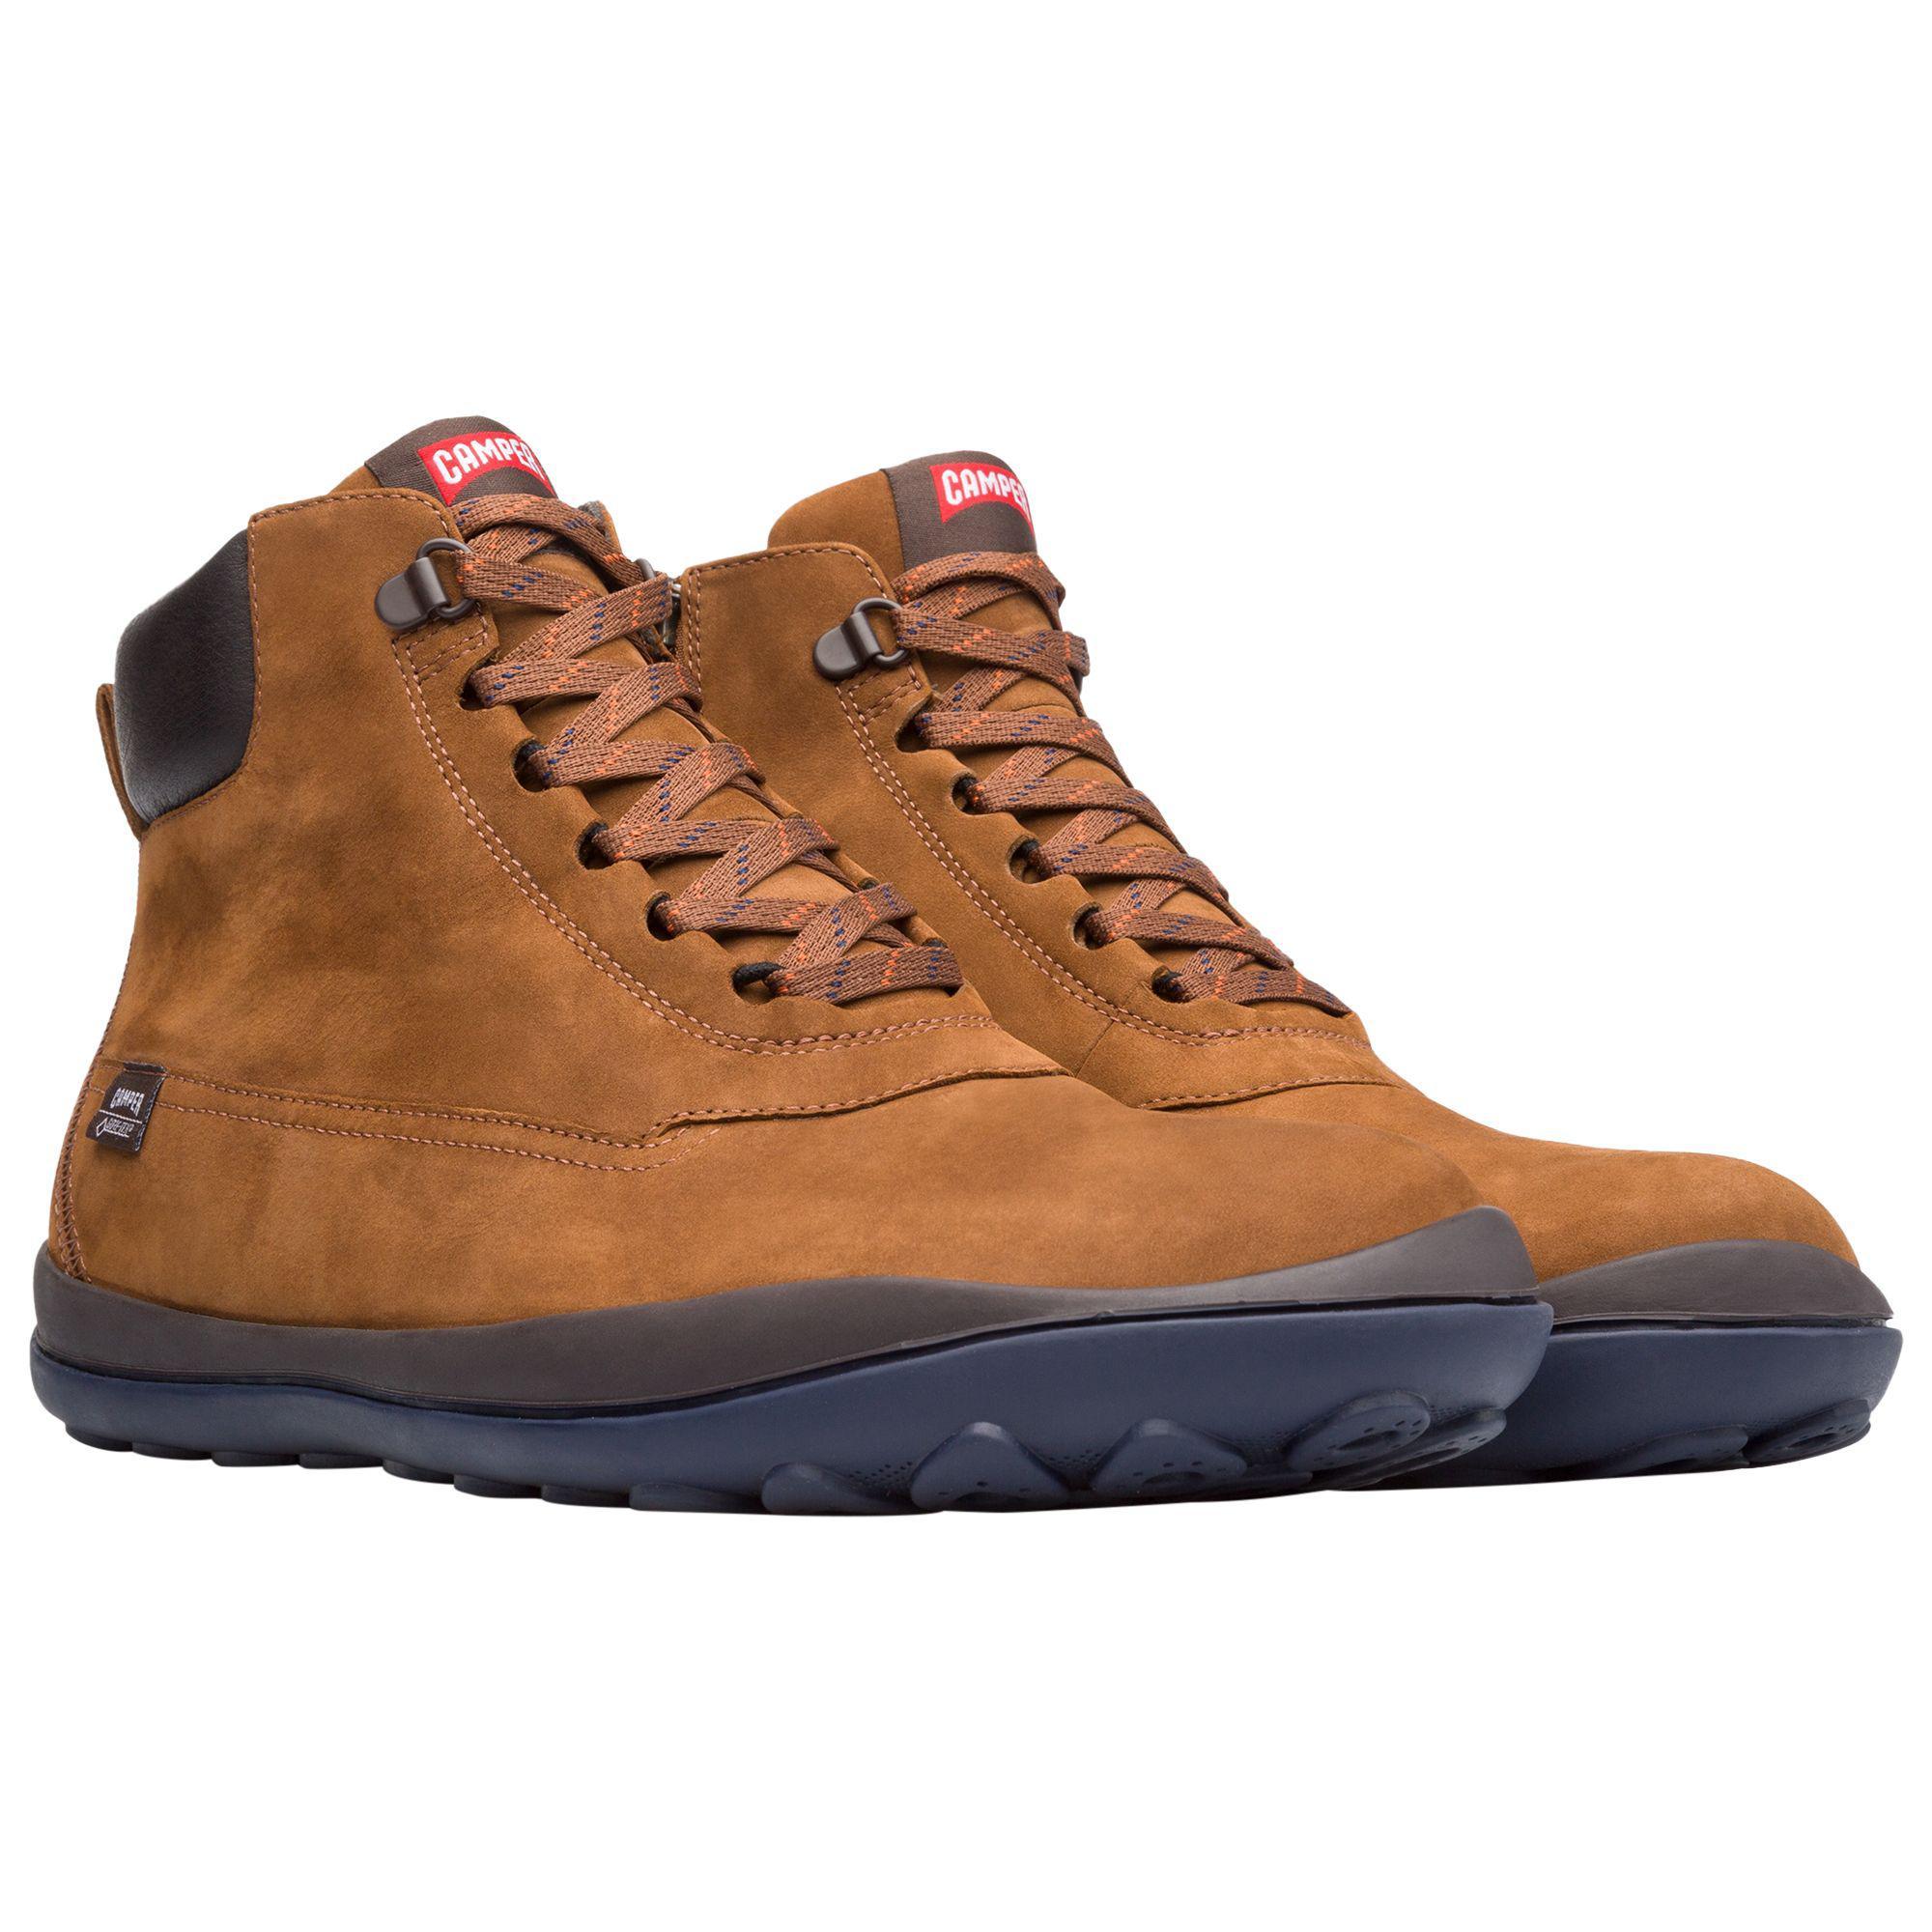 7af8b04680c Camper Peu Pista Gore-tex Boots for Men - Lyst